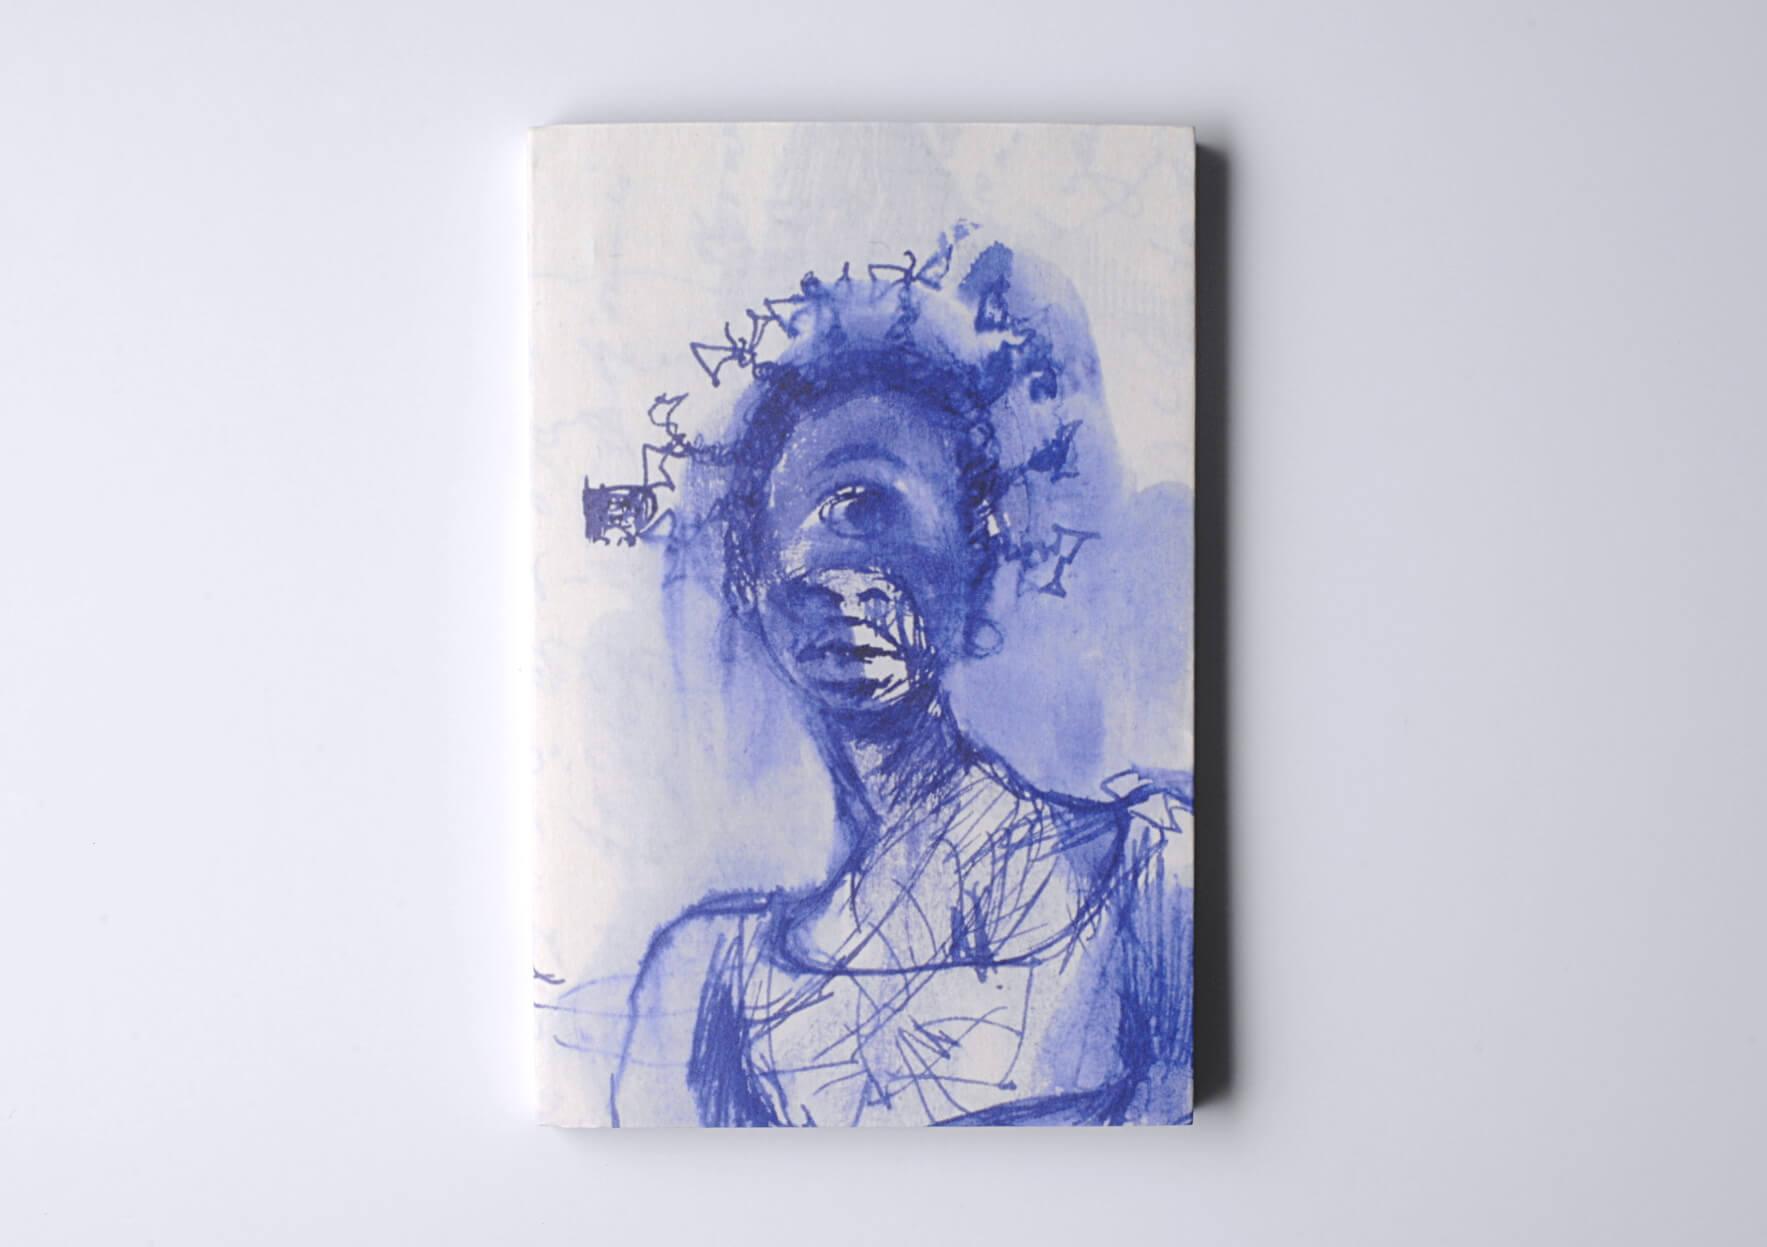 Kara Walker MCMXCIX / Kara Walker, 2017 23 x 15 cm, 212 p. Ed. Roma Publications  | Mother | ProjecteSD